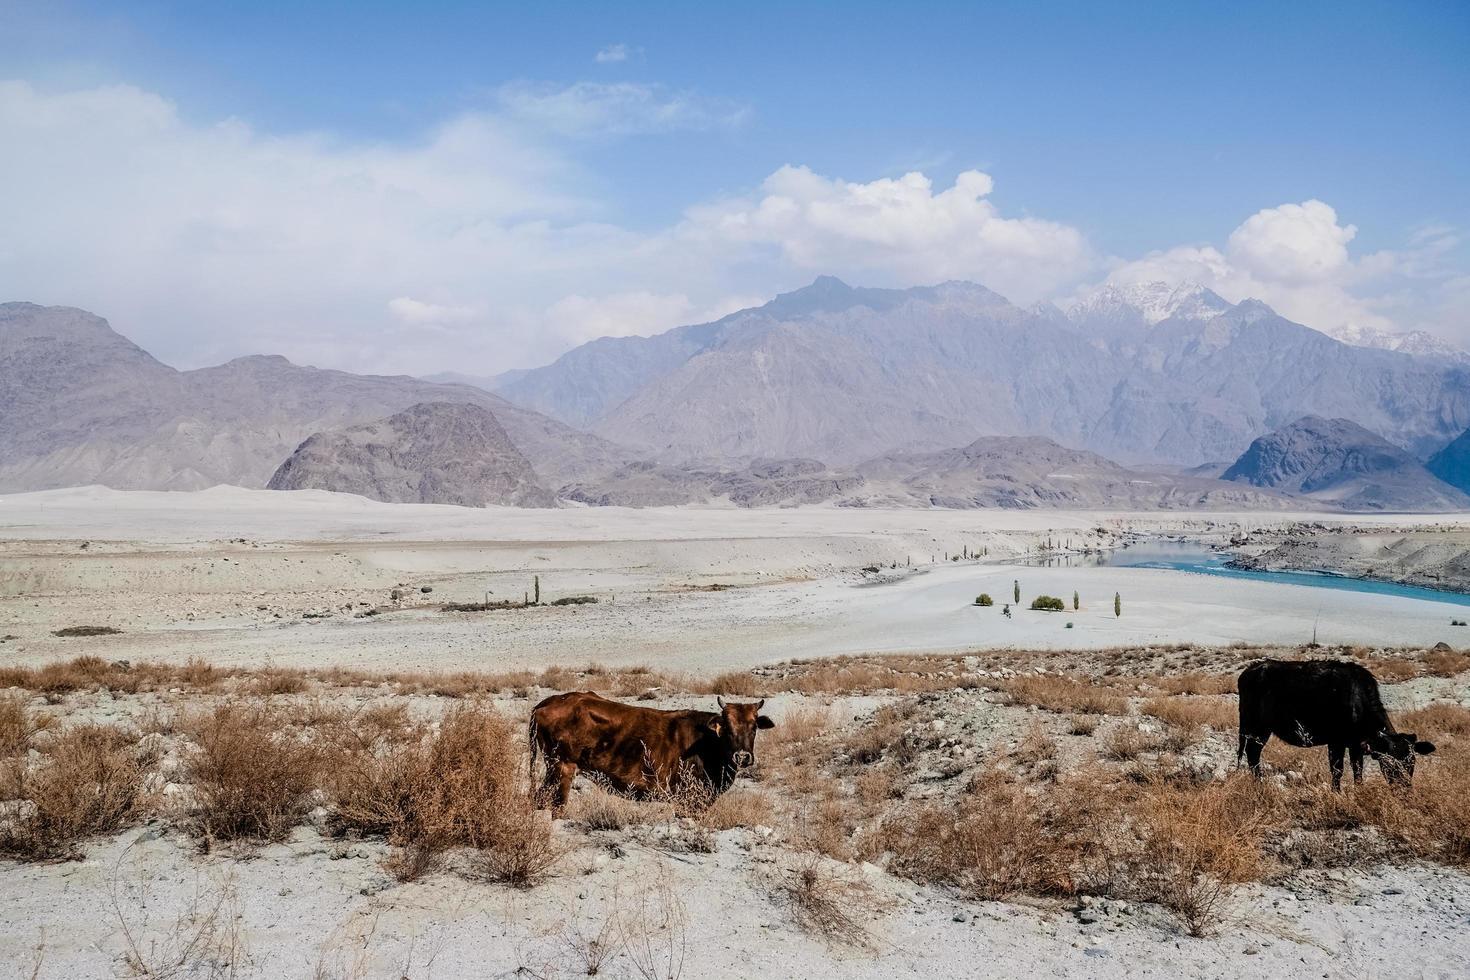 Les vaches paissant près du désert de Katpana à Skardu, Pakistan photo